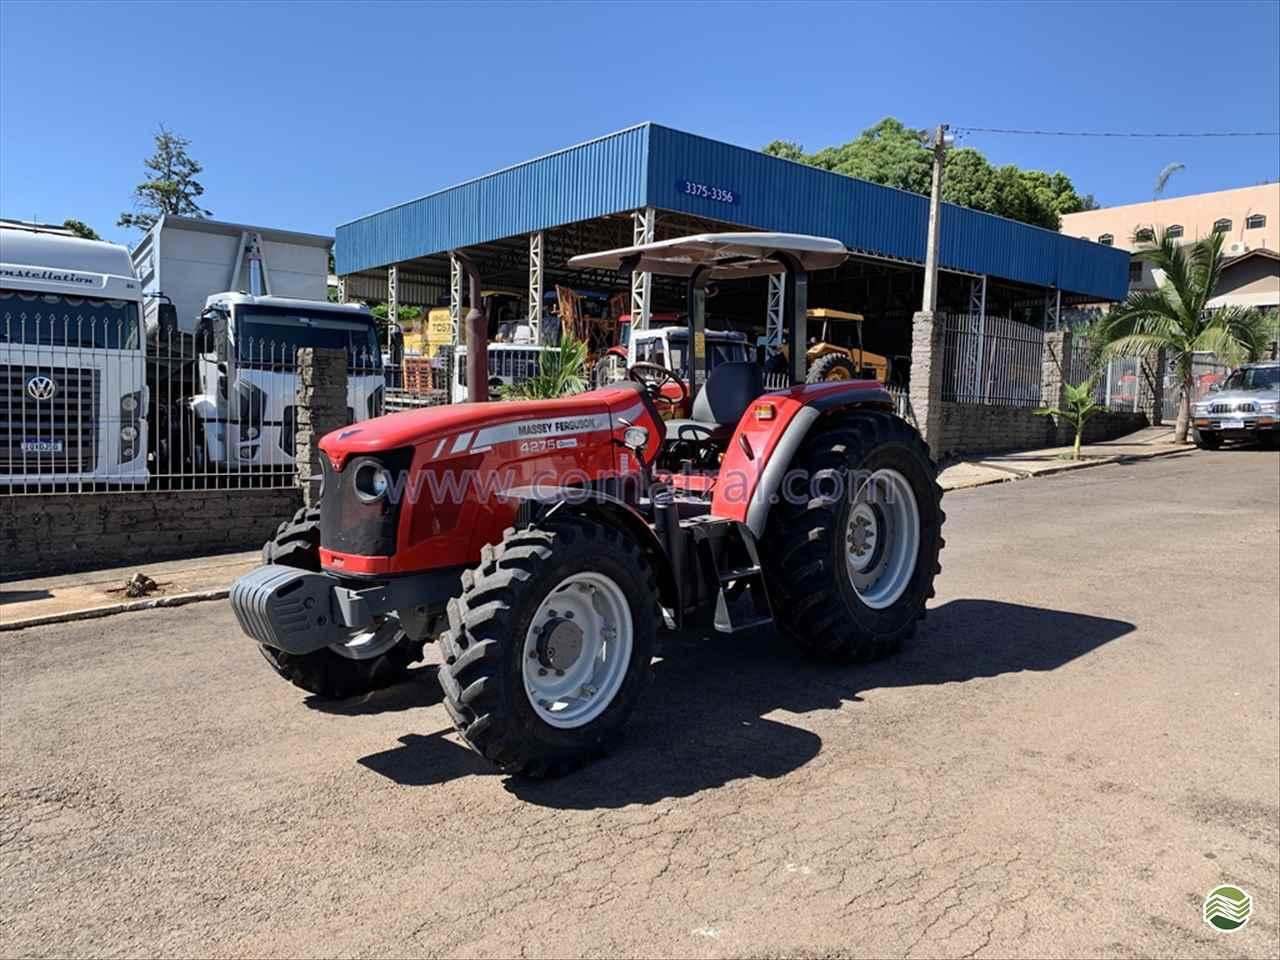 TRATOR MASSEY FERGUSON MF 4275 Tração 4x4 Comatral Caminhões e Máquinas Agrícolas PANAMBI RIO GRANDE DO SUL RS